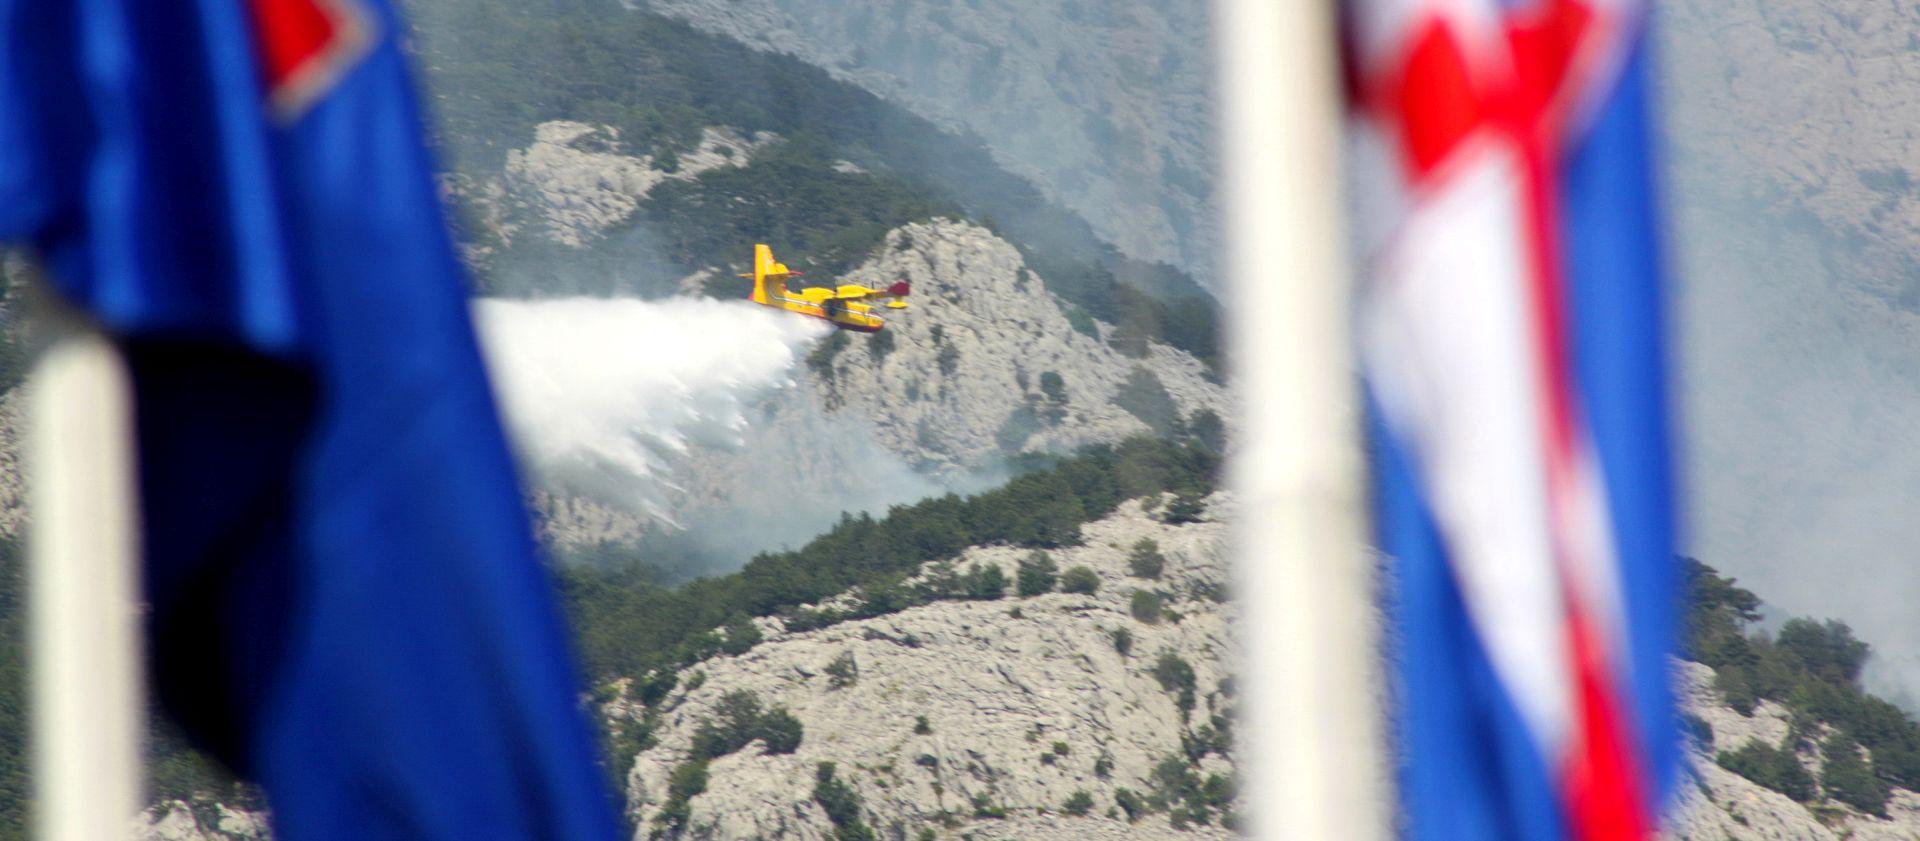 KRSTIČEVIĆ 'Situacija na požarištima je stabilna, sustav je spreman reagirati'